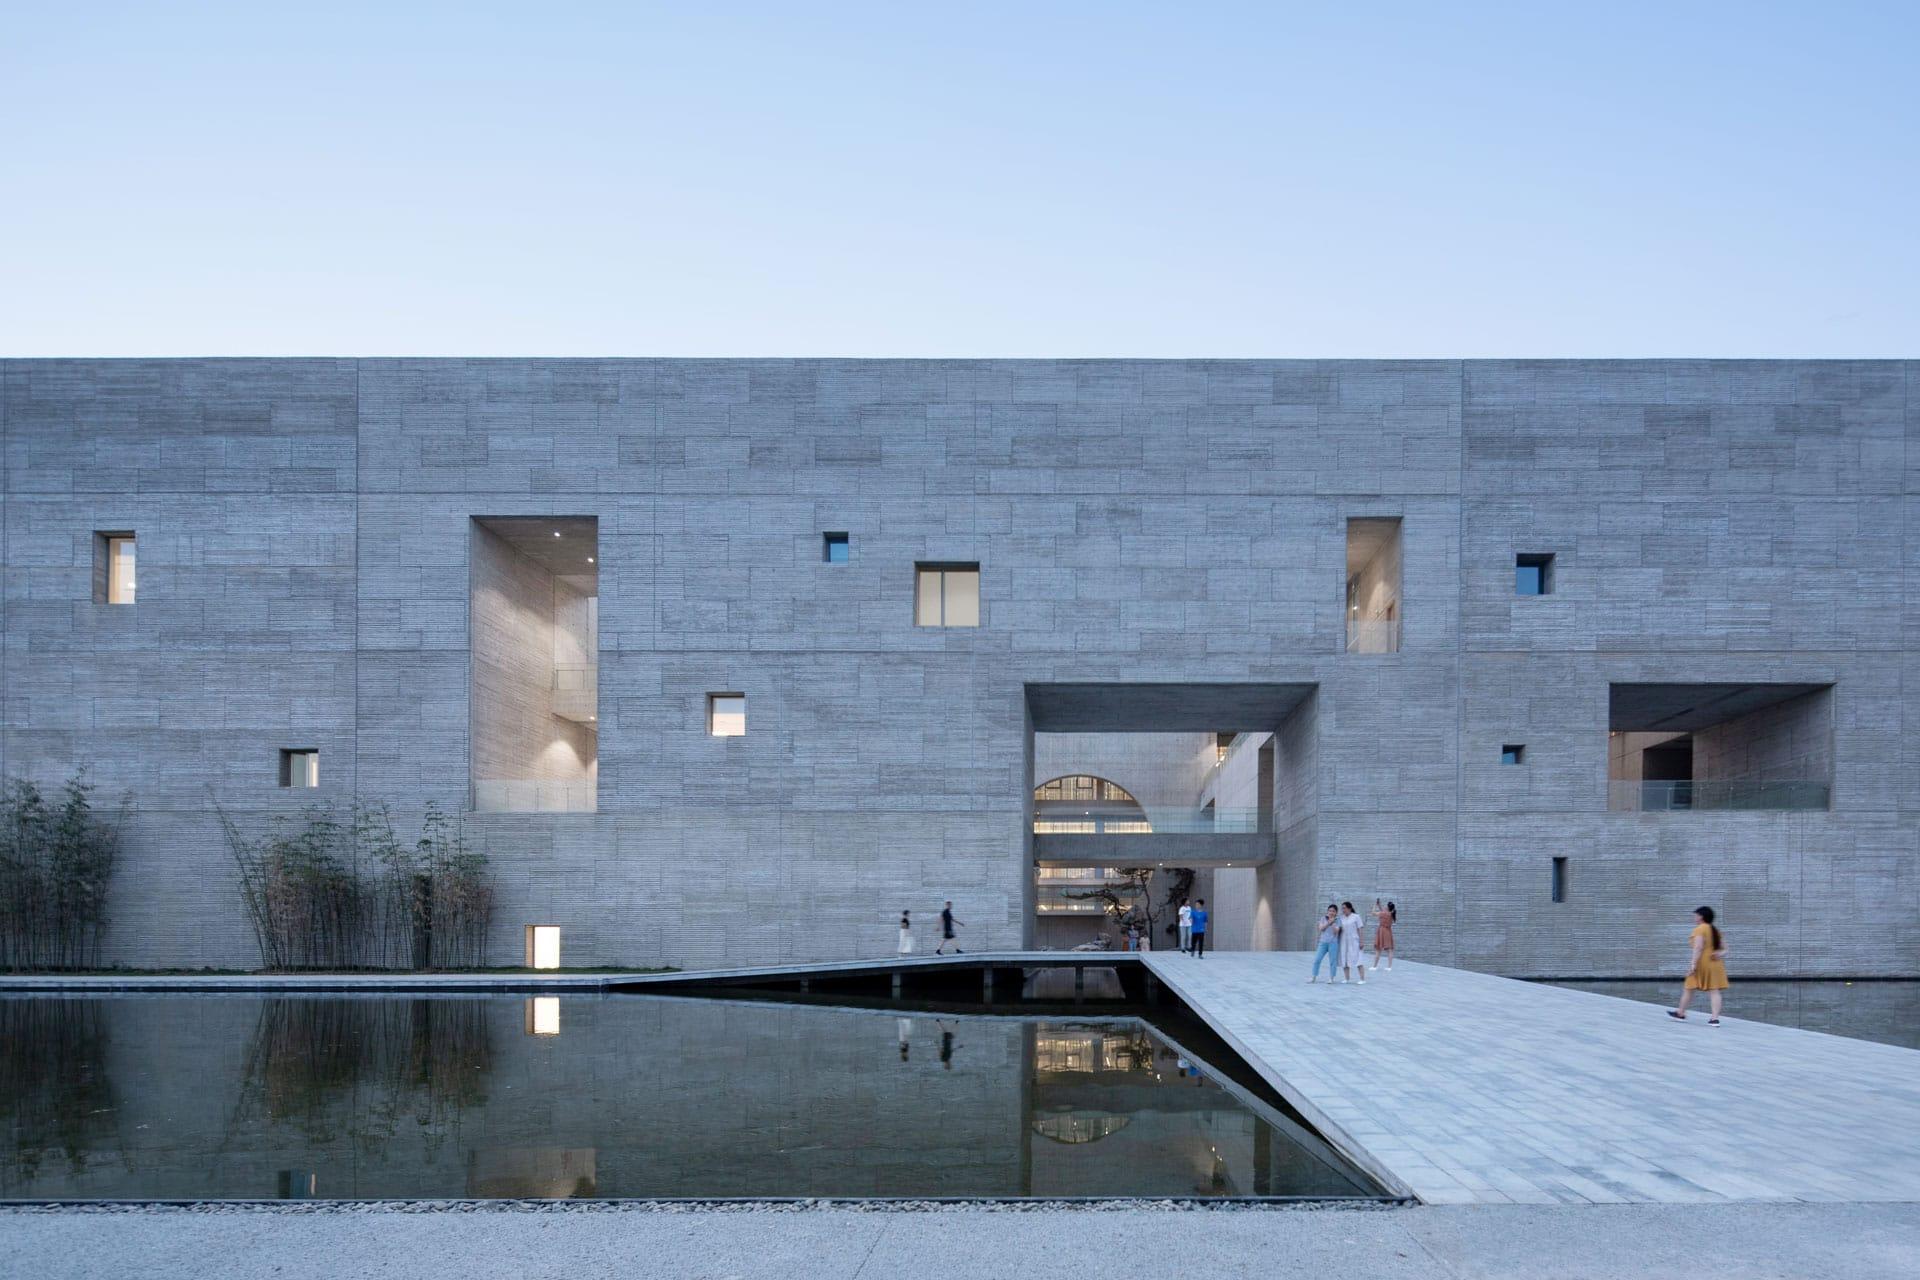 Shou County Culture and Art Center by Studio Zhu-Pei